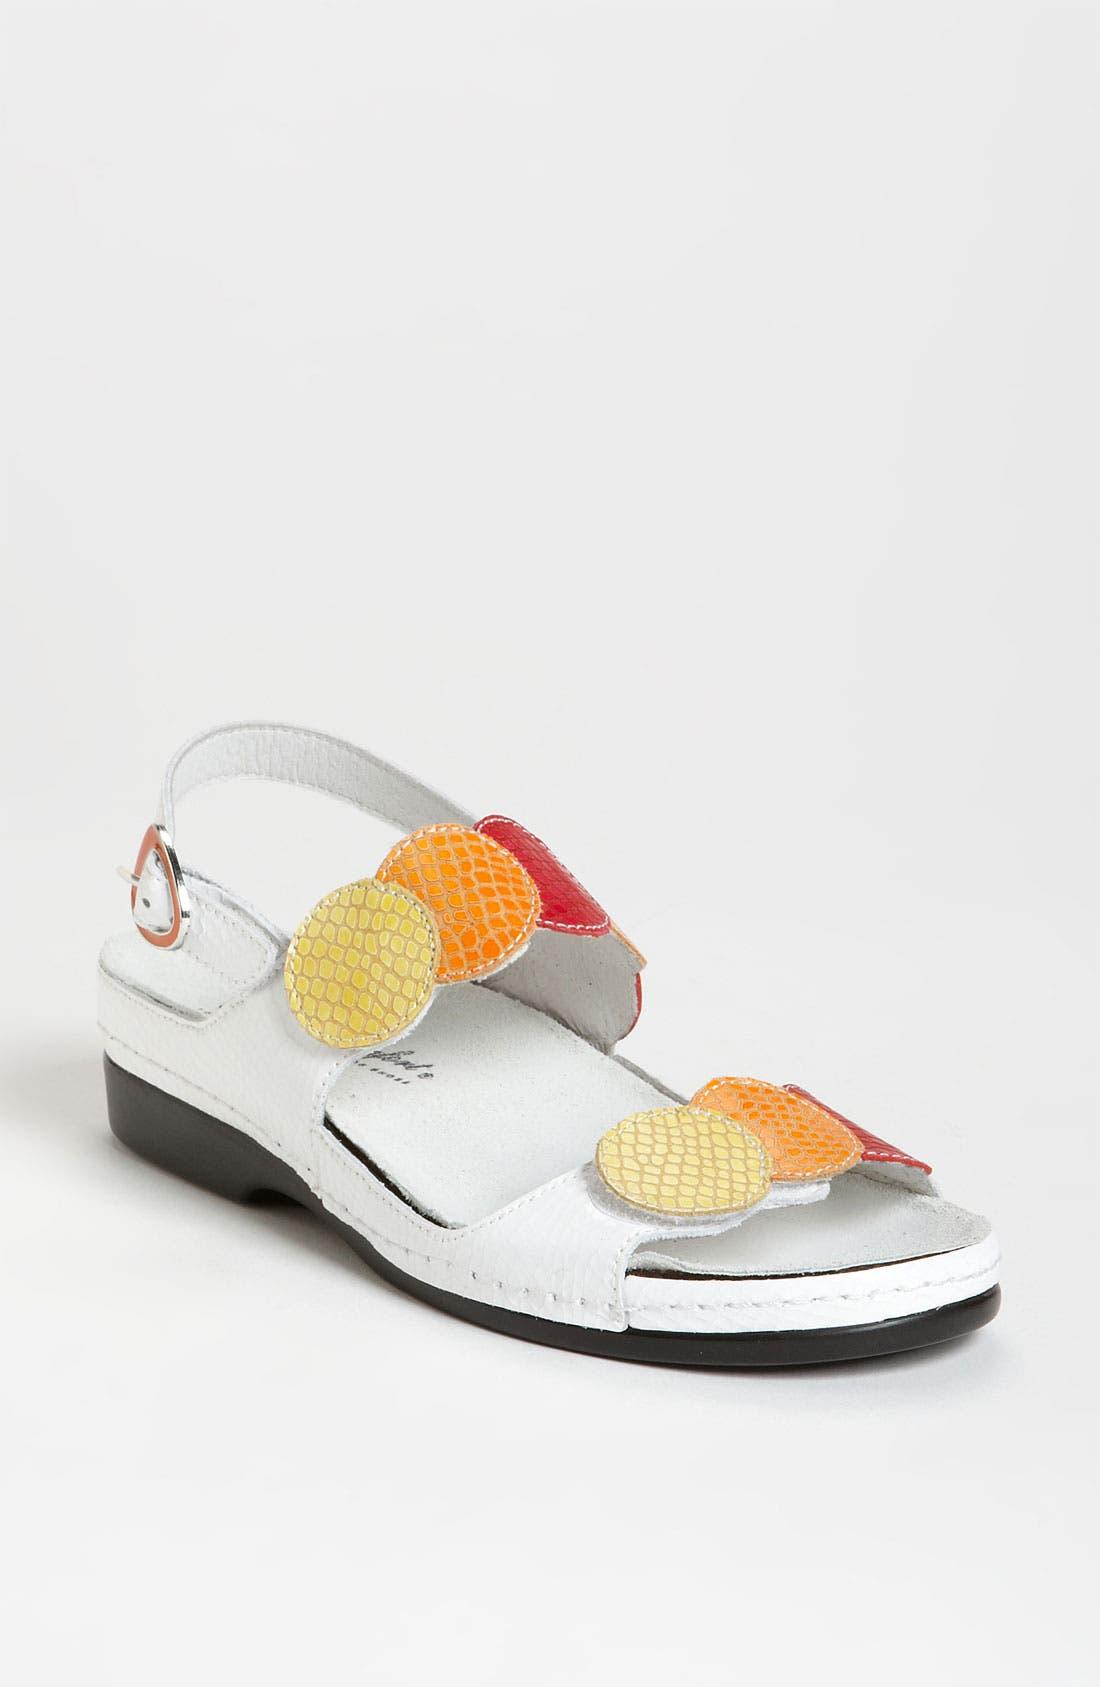 Main Image - Helle Comfort 'Tula' Sandal